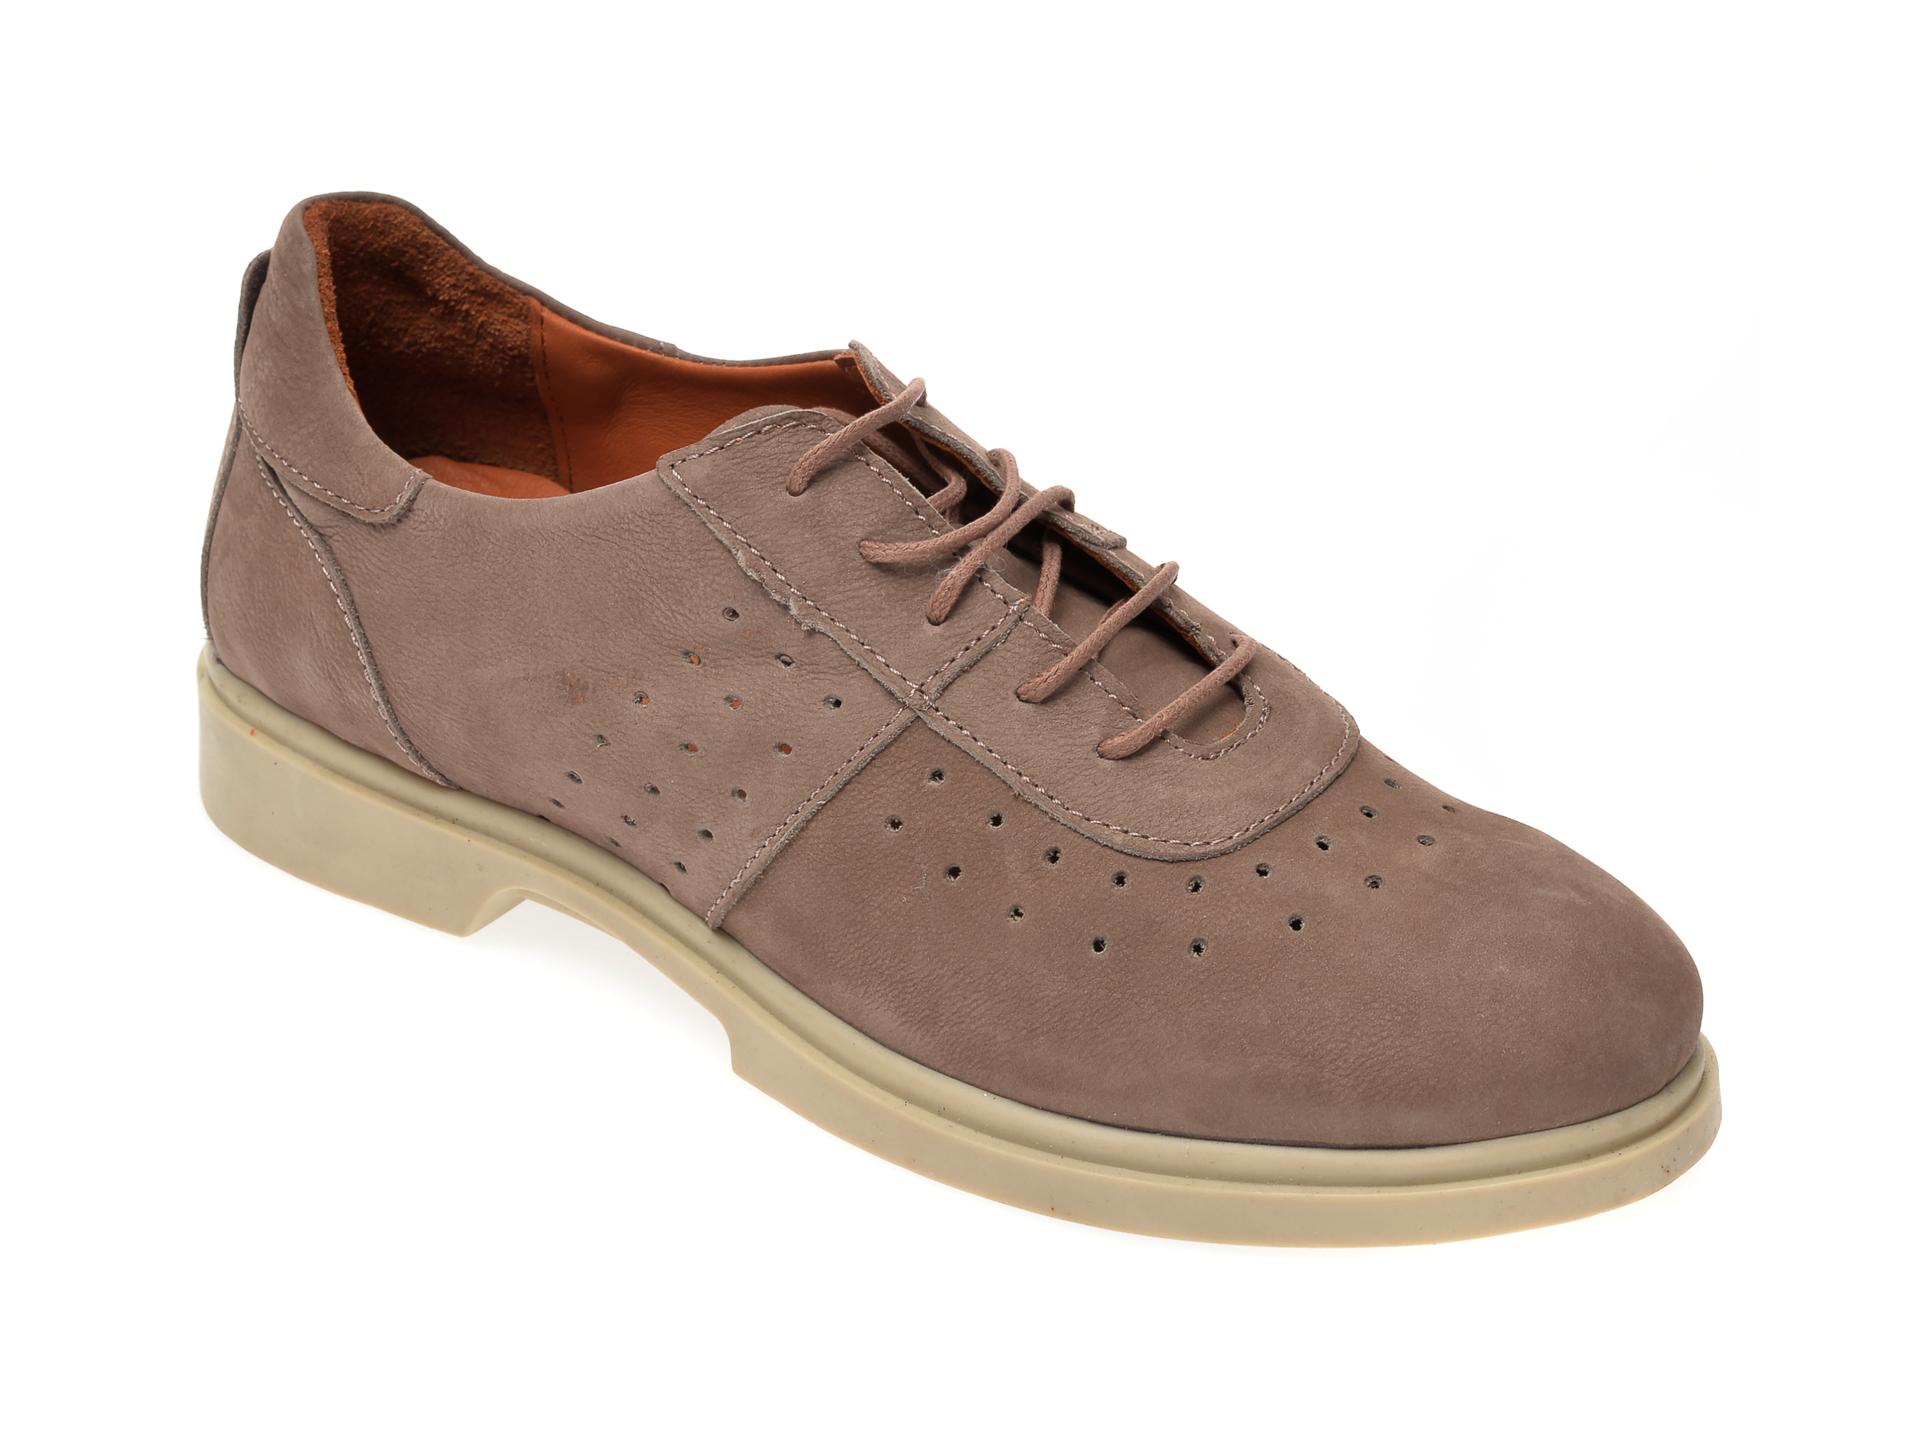 Pantofi FLAVIA PASSINI taupe, 2201, din nabuc